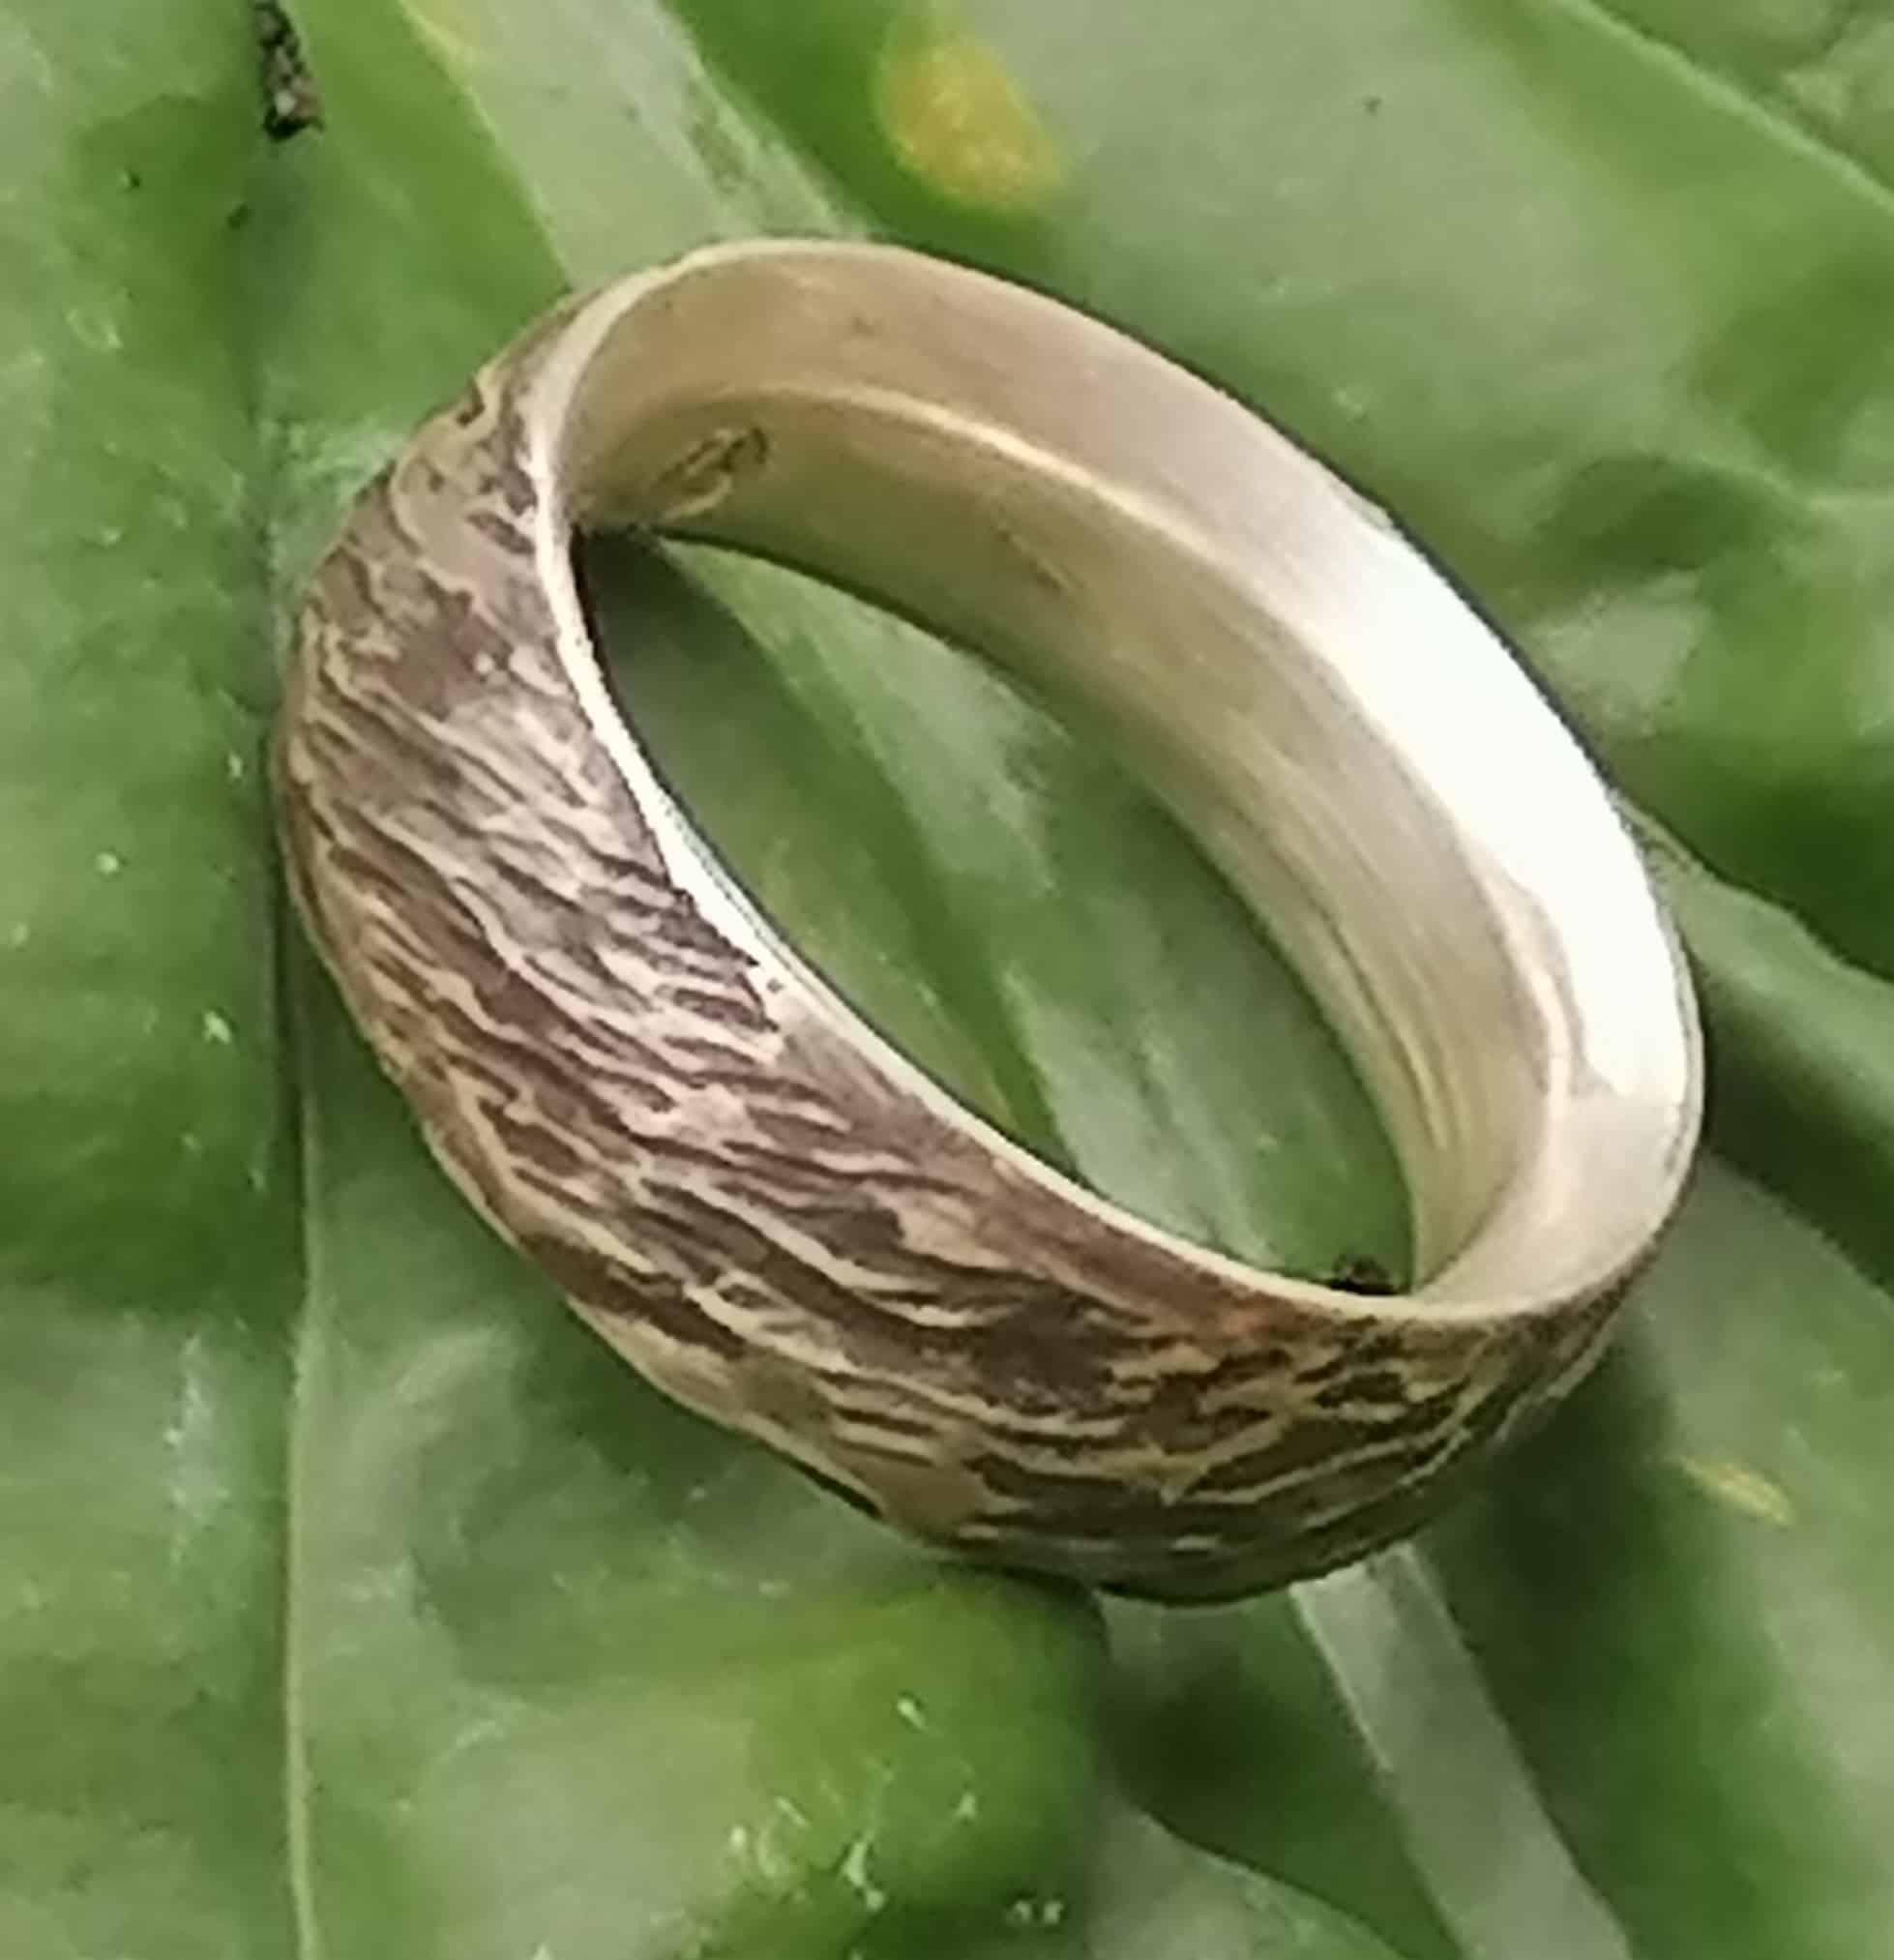 Unikat Ring Silber 925 grob geschmiedet mit Strukturen Ringröße 54 Rindenstruktur geschwärzt